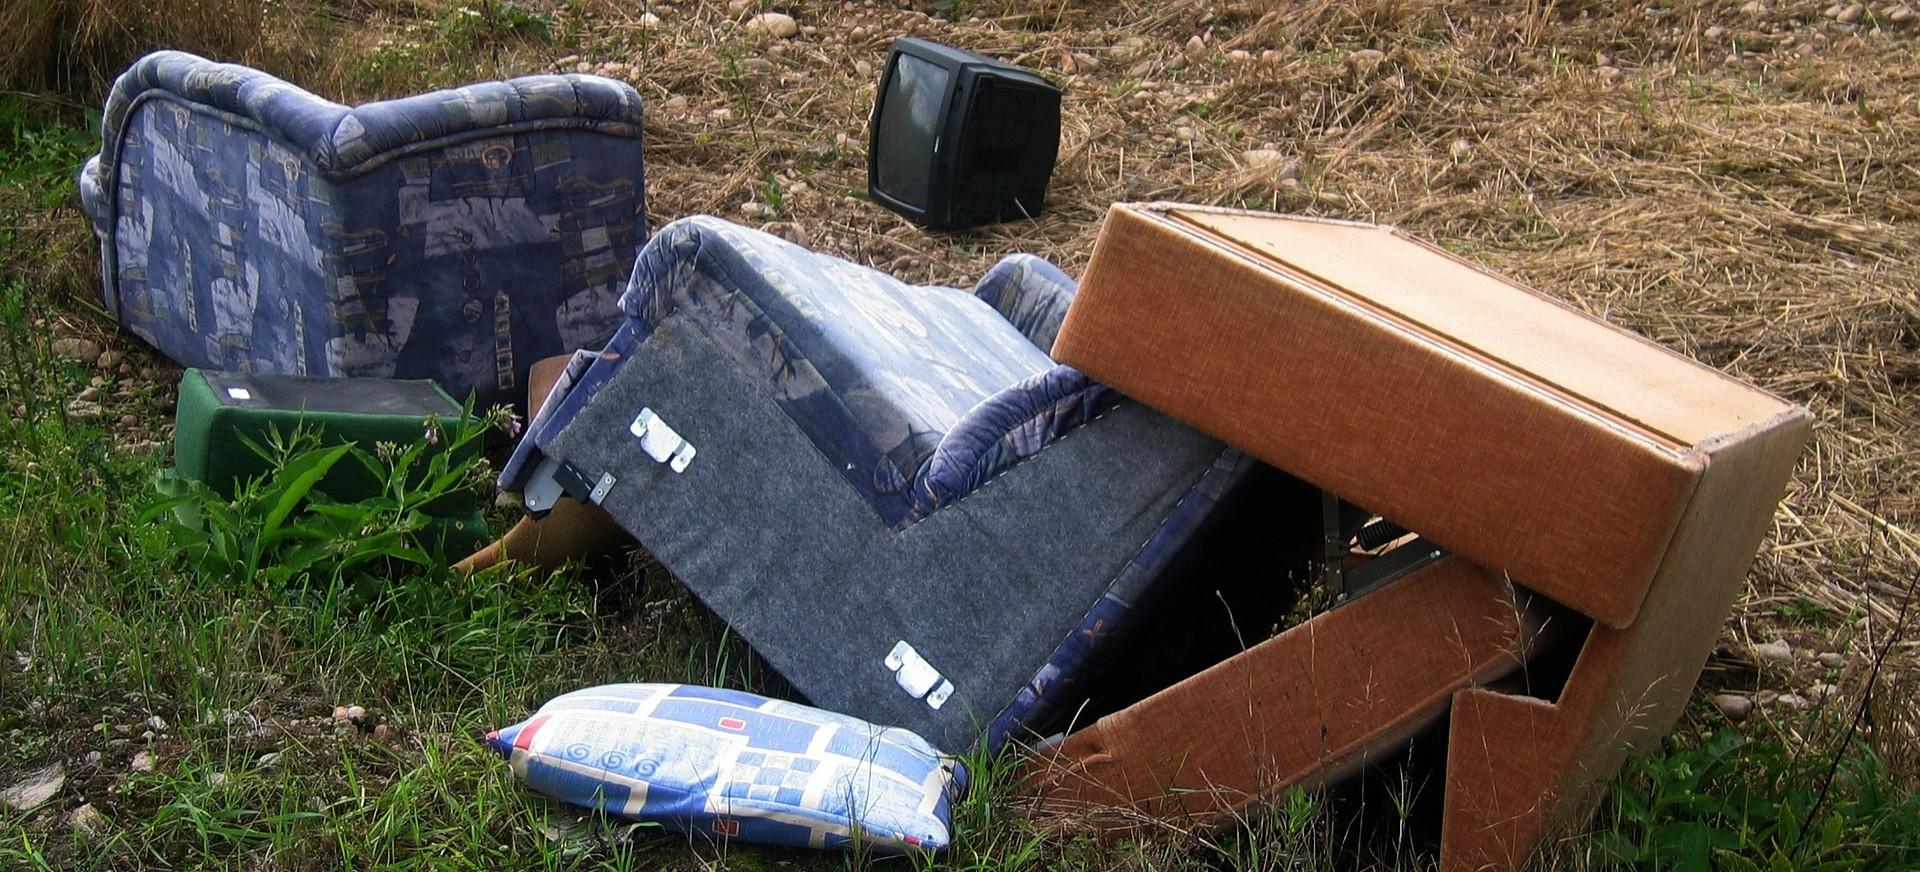 BRZOZÓW: Zbiórka odpadów wielkogabarytowych. SPRAWDŹ TERMINY